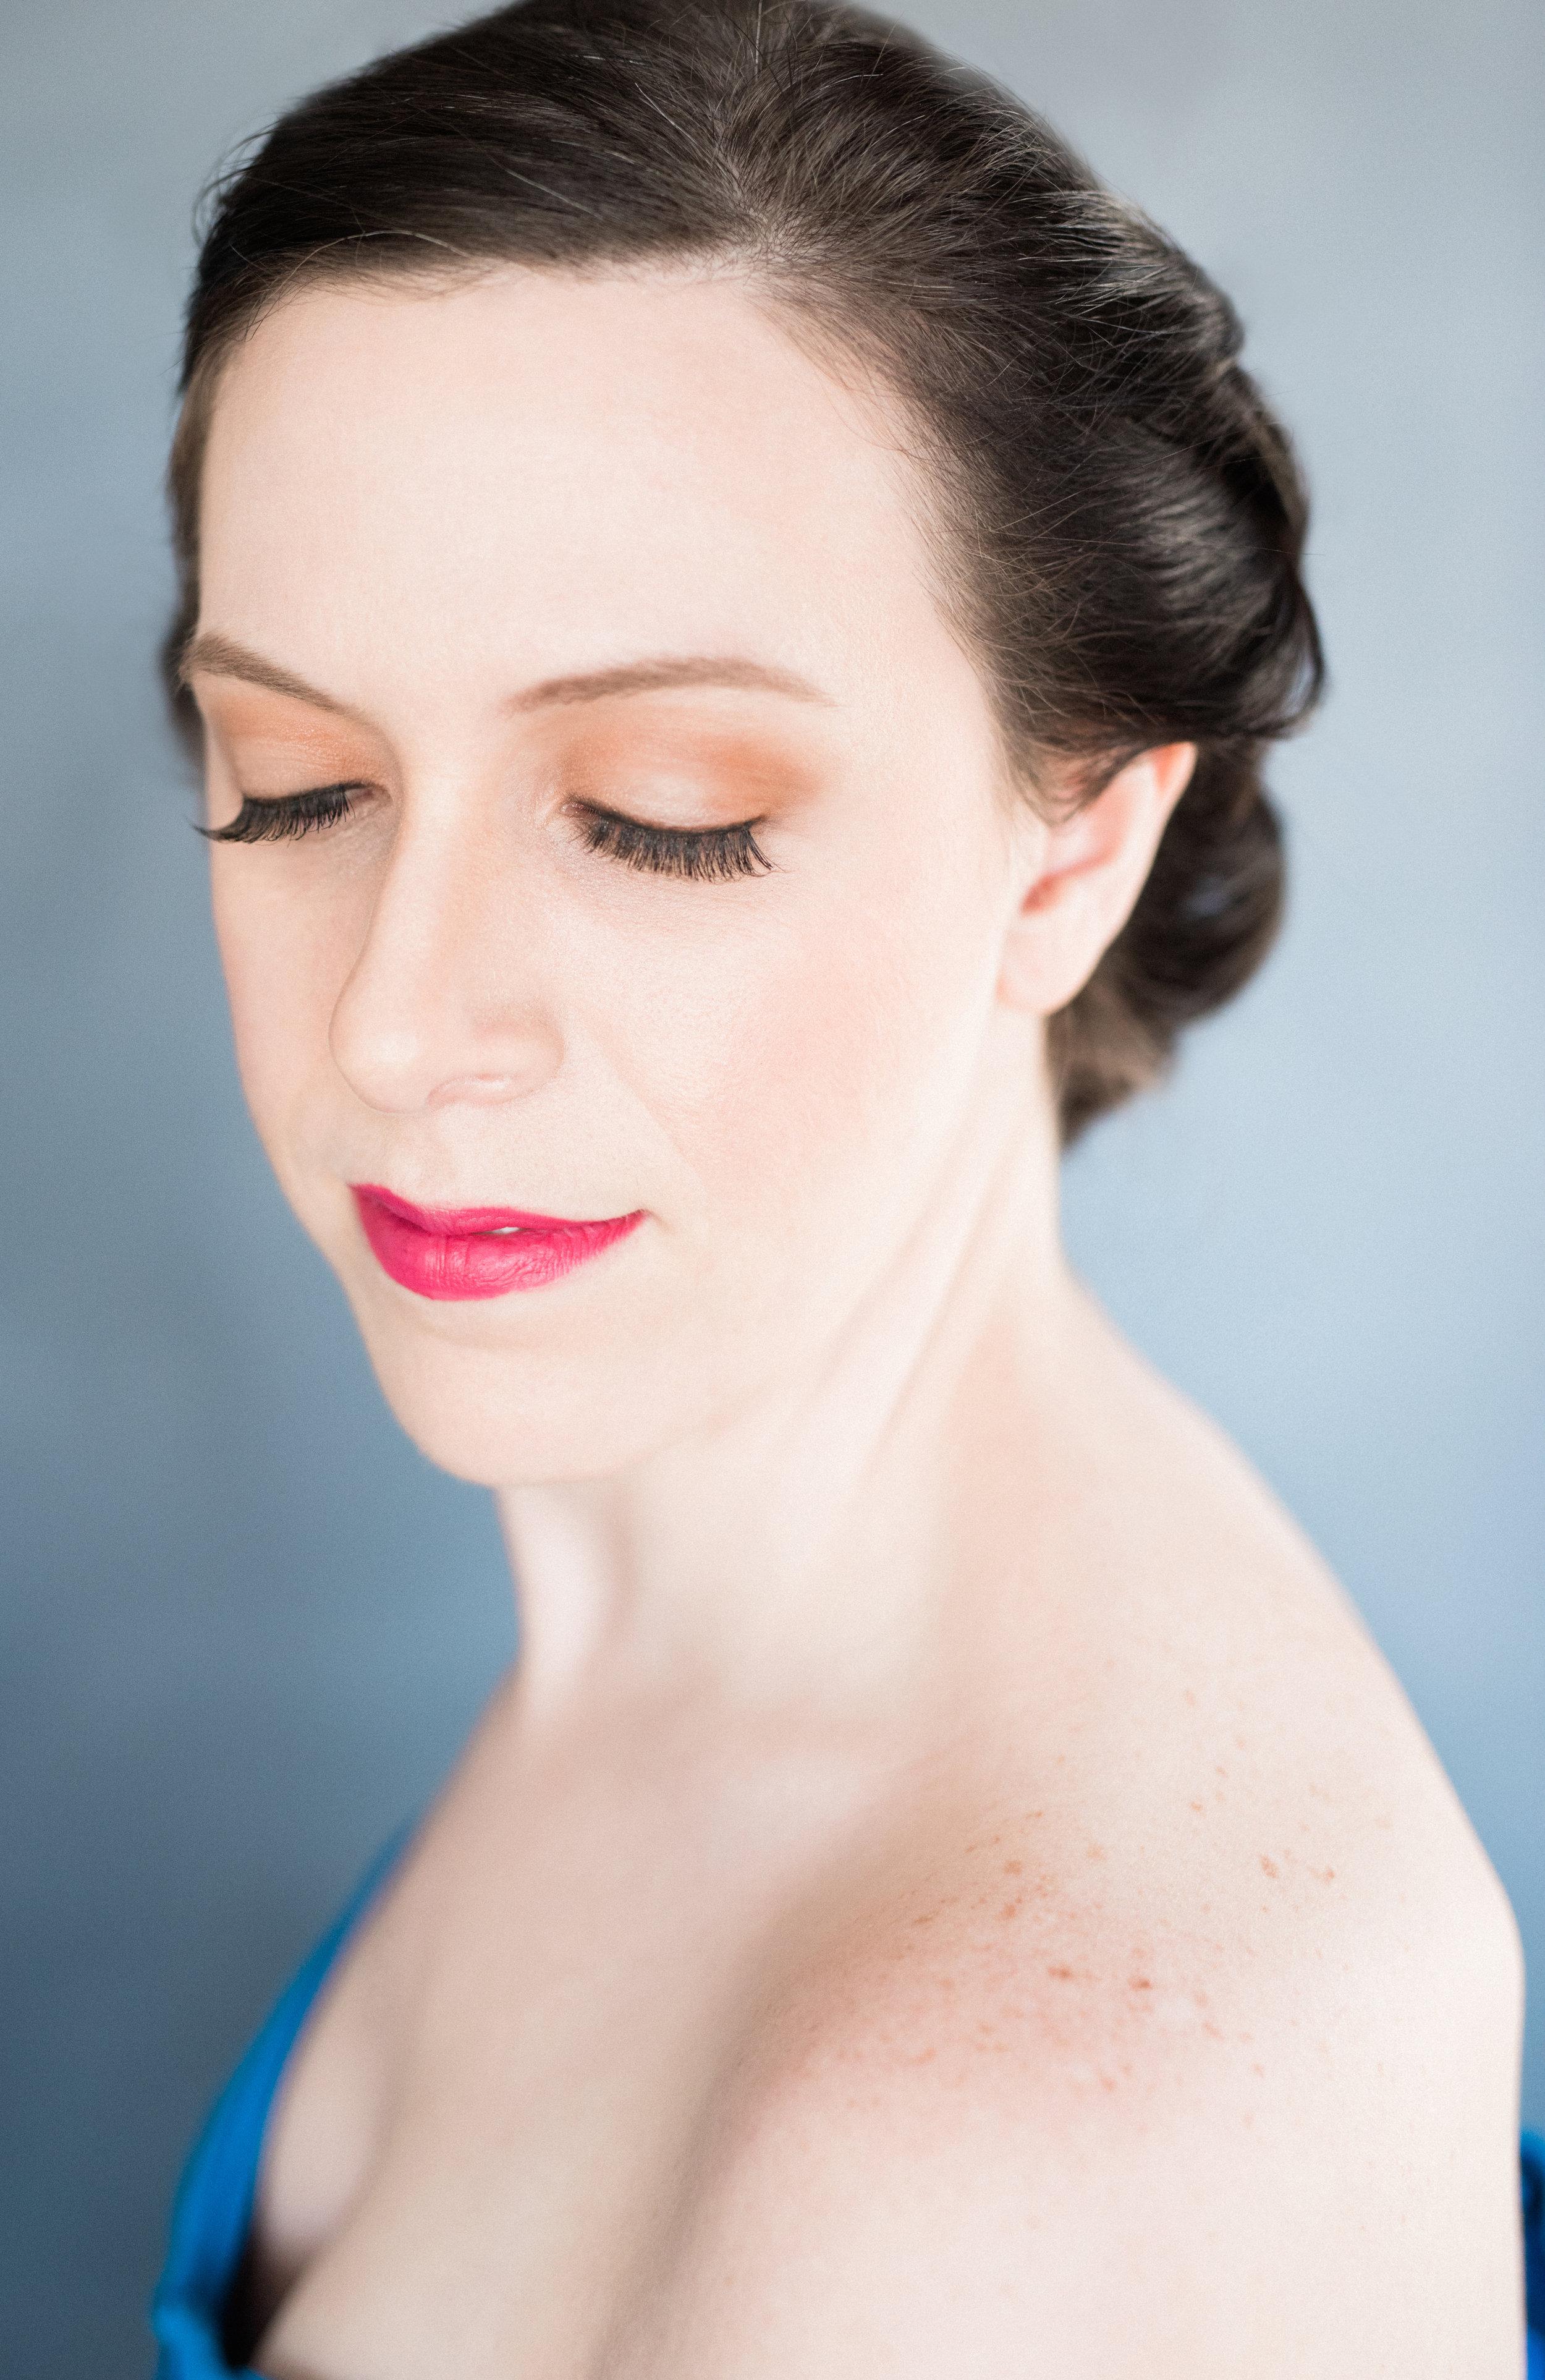 Tricia-Bennett-makeup-hair18b.jpg